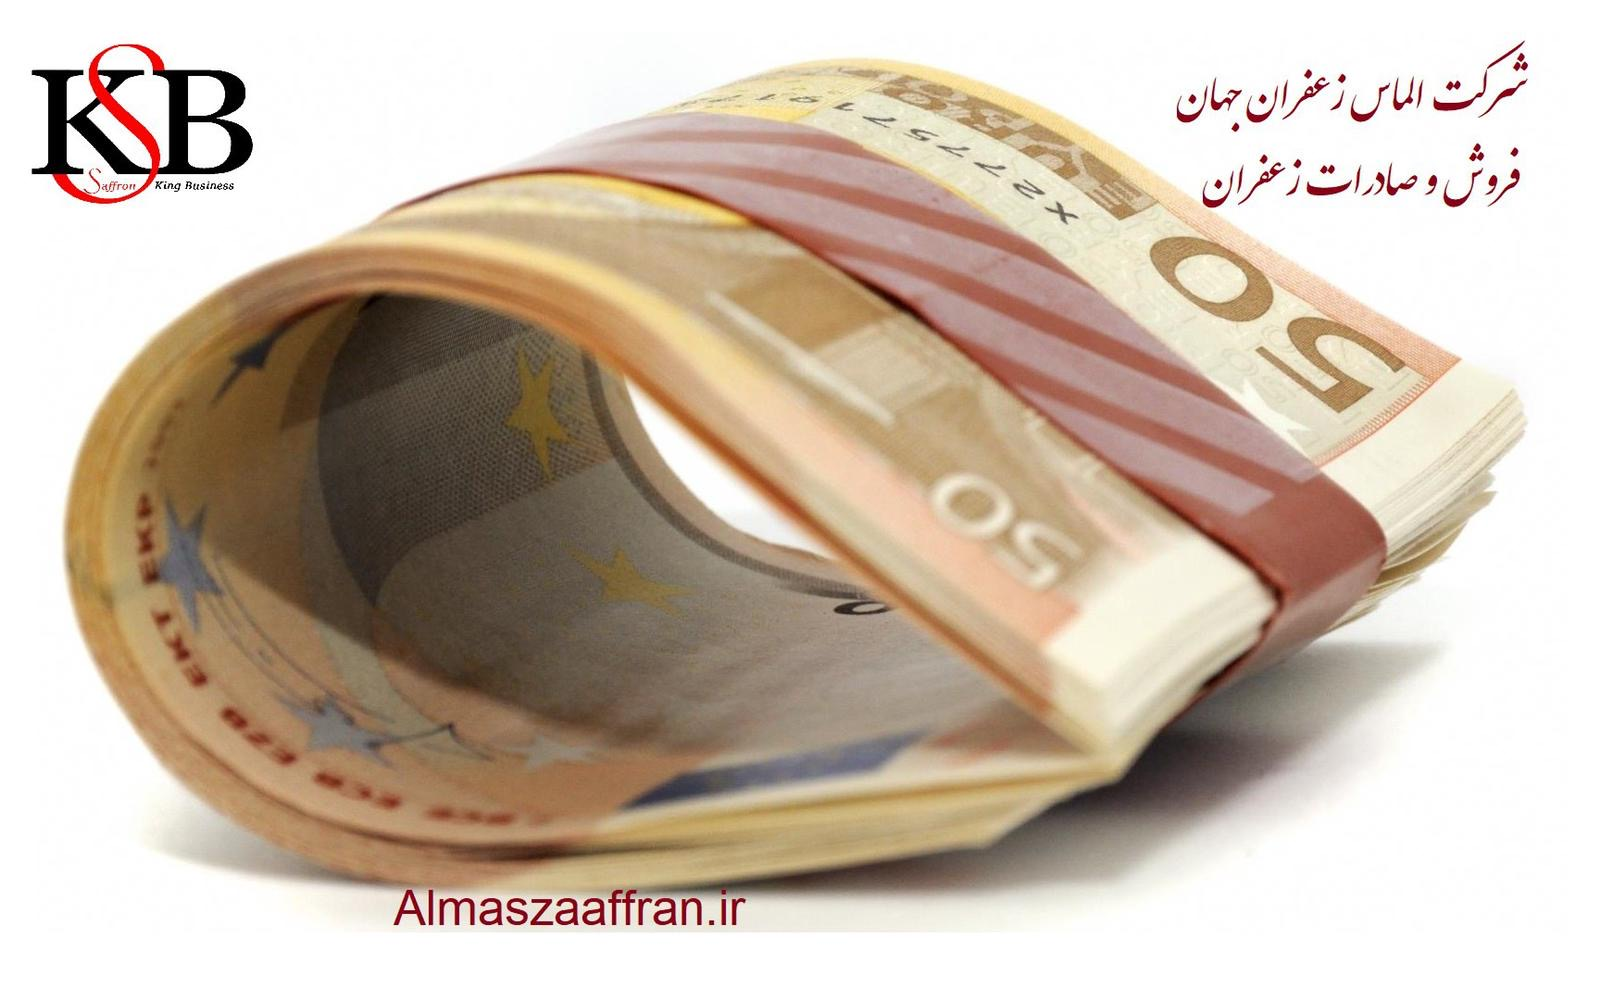 El precio del azafrán está en dólares y euros.